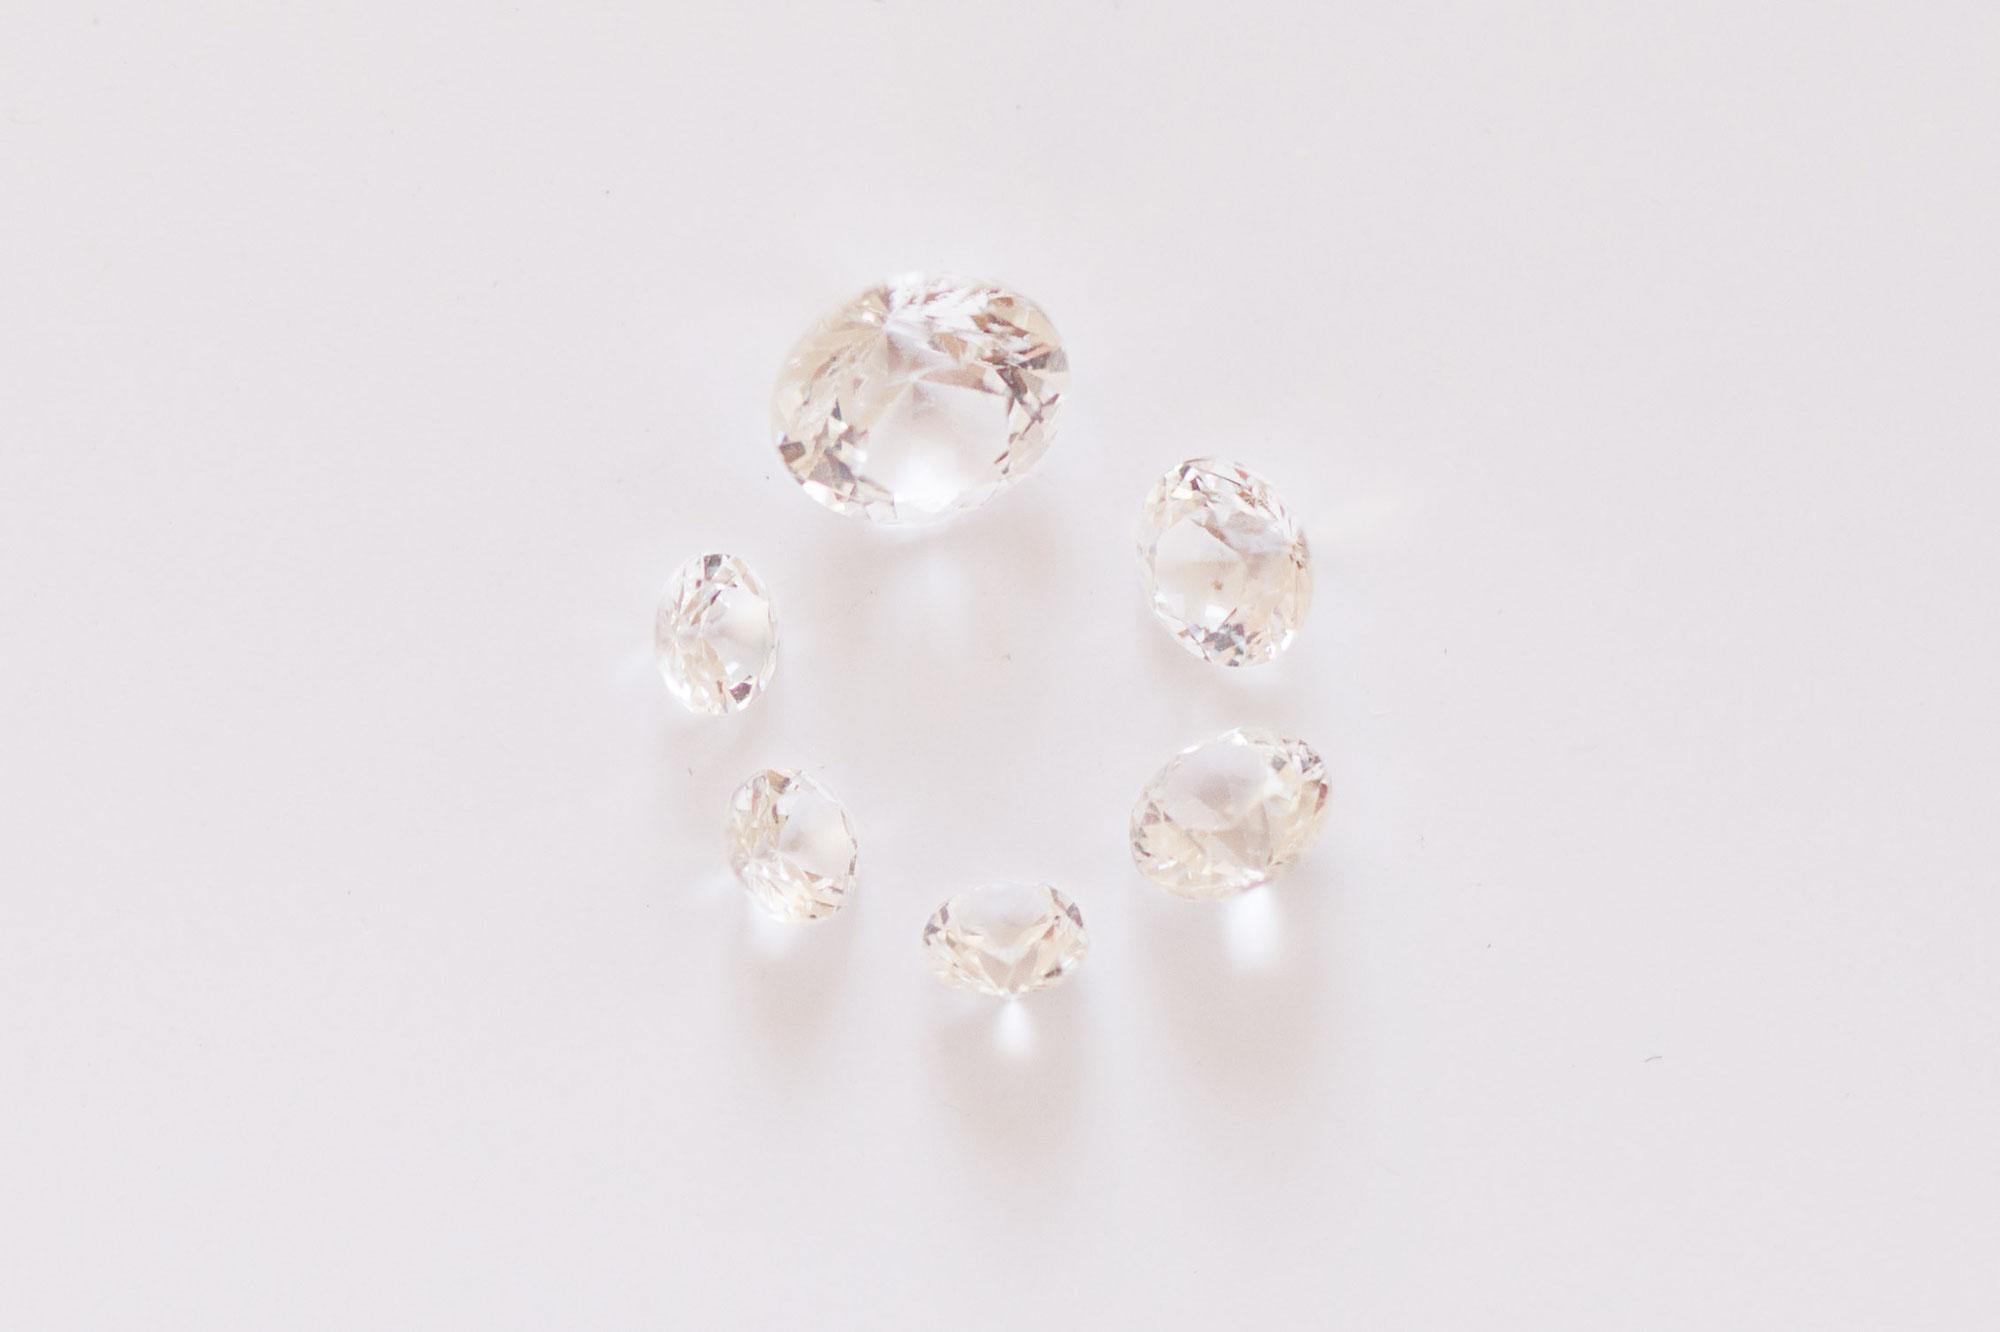 Diamant oder Brillant